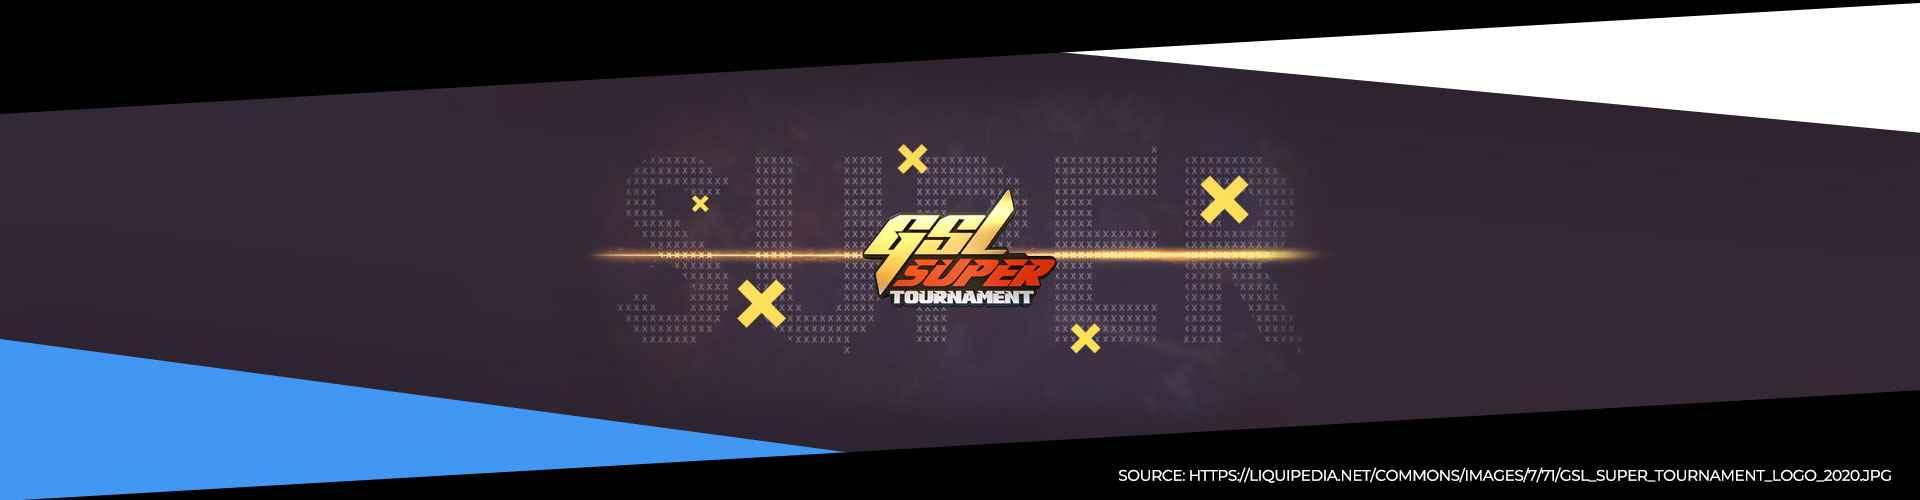 Eventsida för GSL Super Tournament 1 för Starcraft 2.